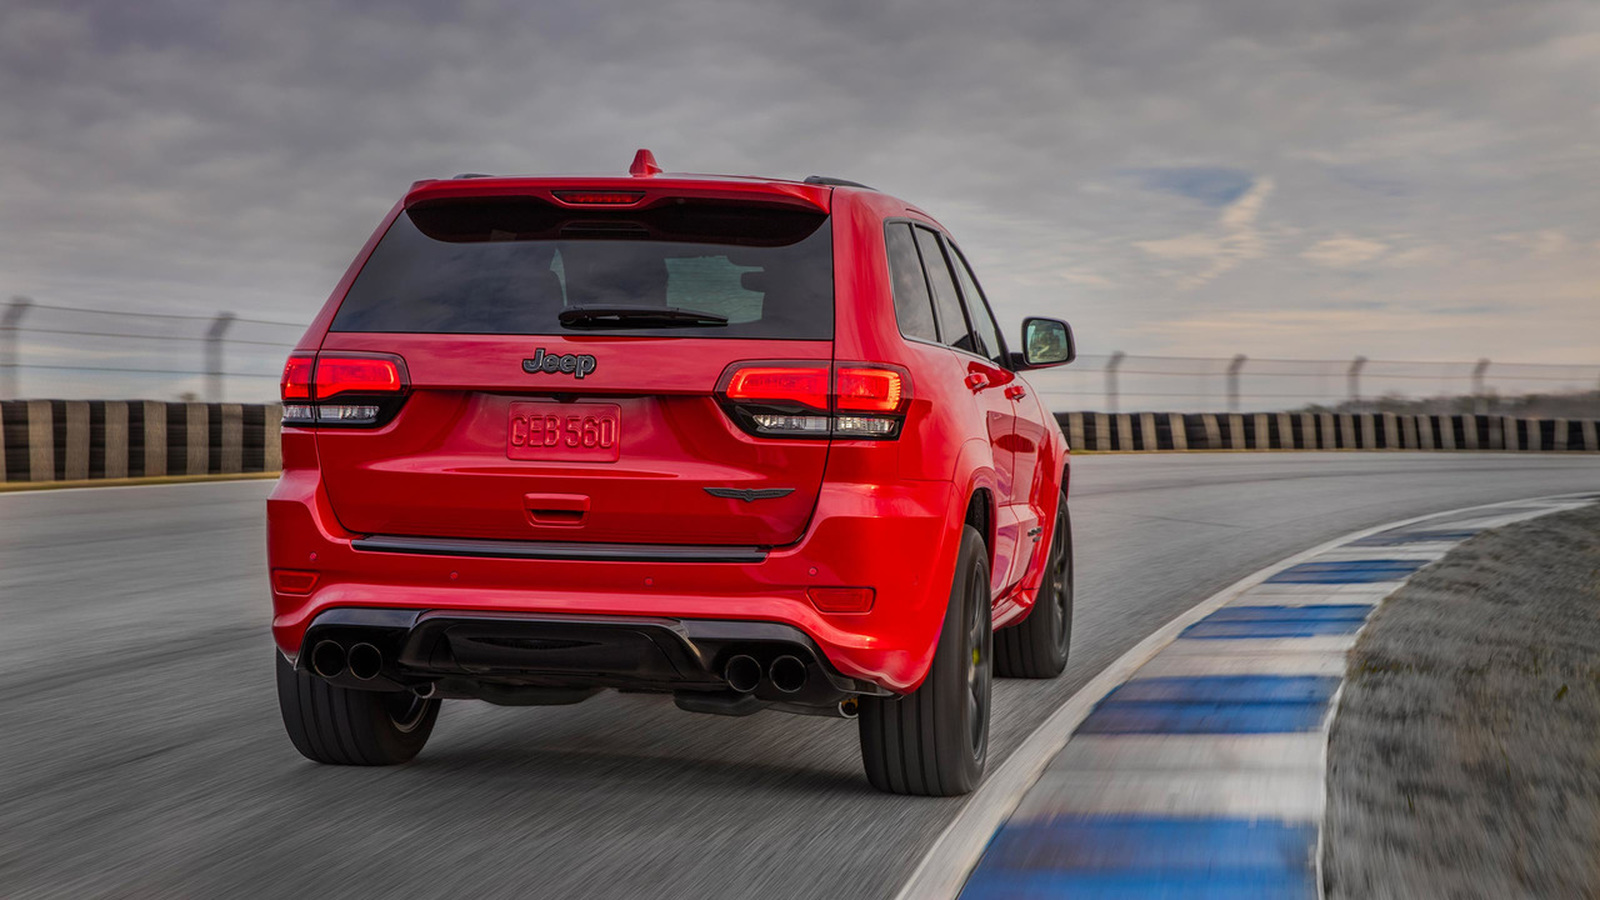 Названы российские цены на самый быстрый и мощный Jeep в истории